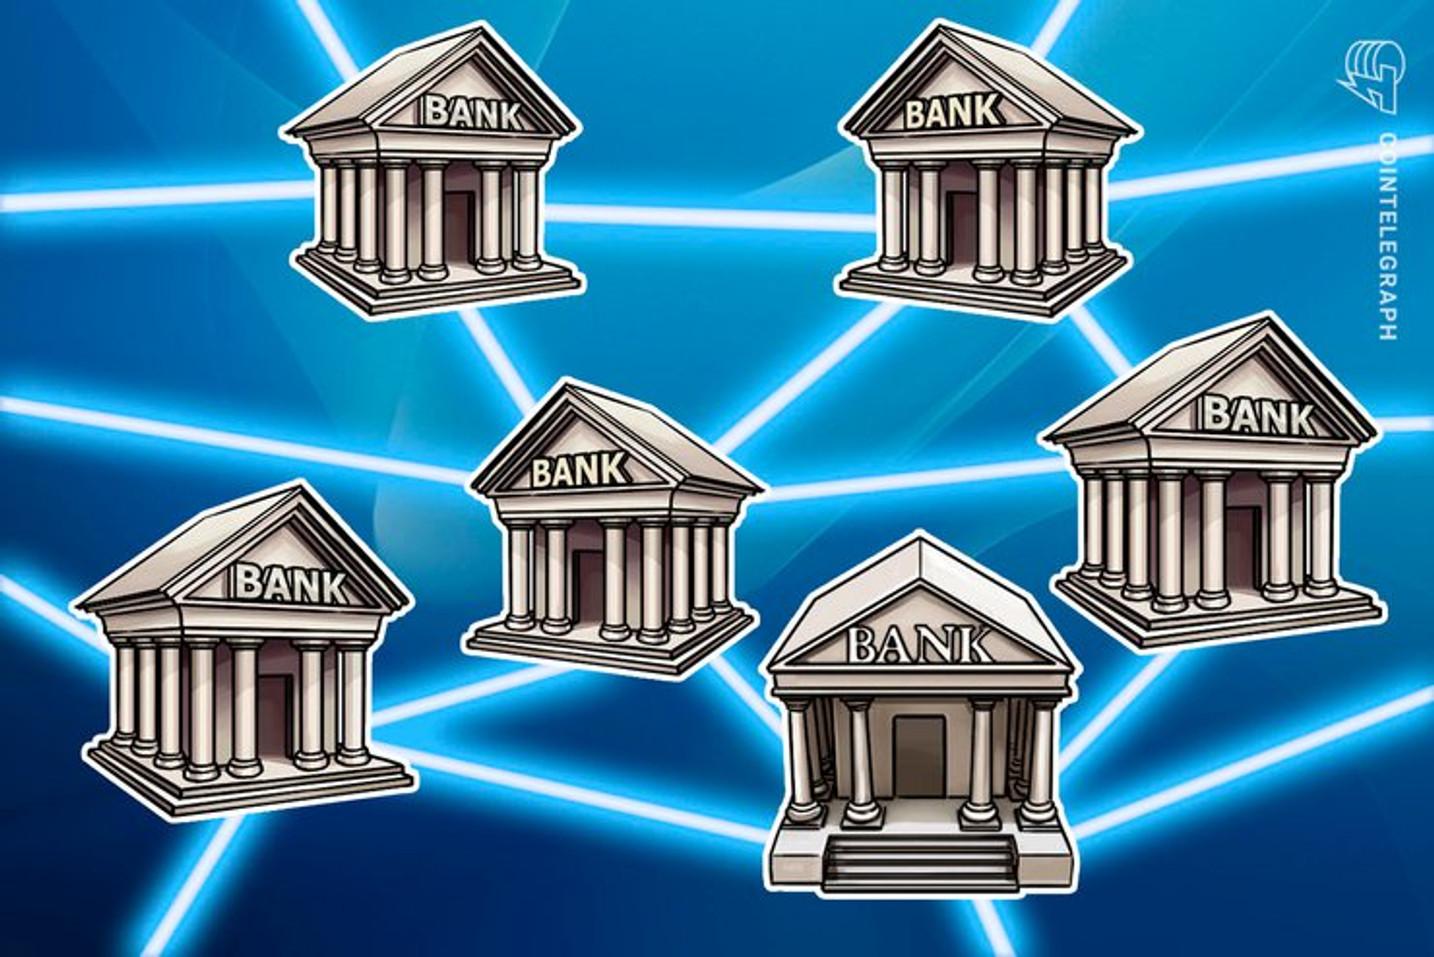 Chef der Schweizerischen Bankiervereinigung: Blockchain hat hohe Priorität